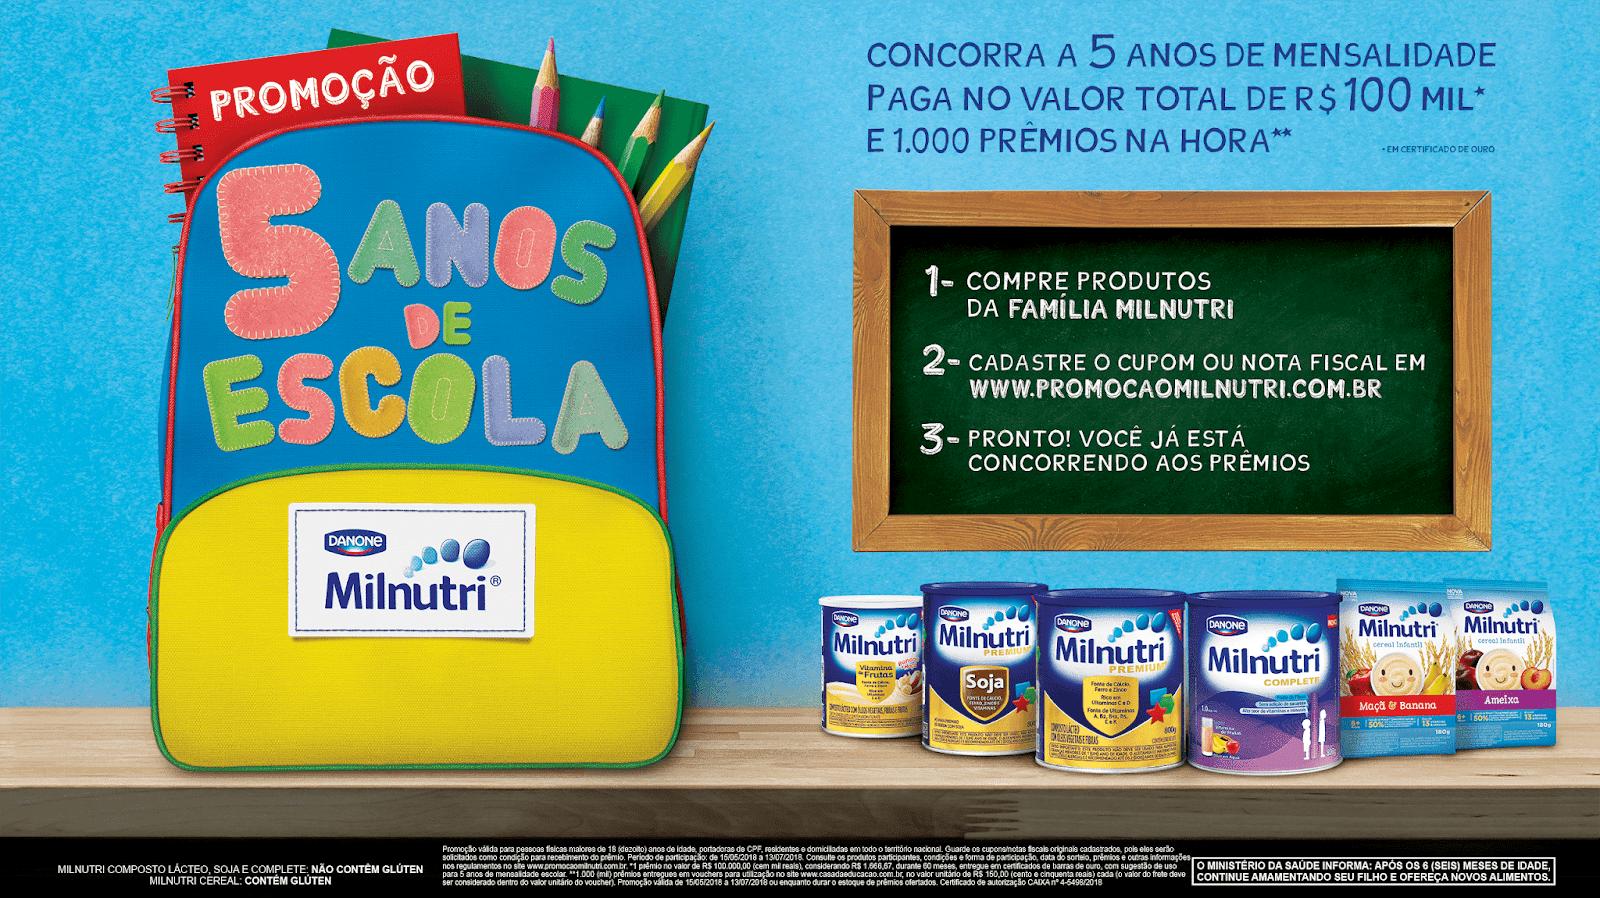 Promoção Milnutri 2018 - Concorra a 5 anos de mensalidade escolar ... 7b3762550c